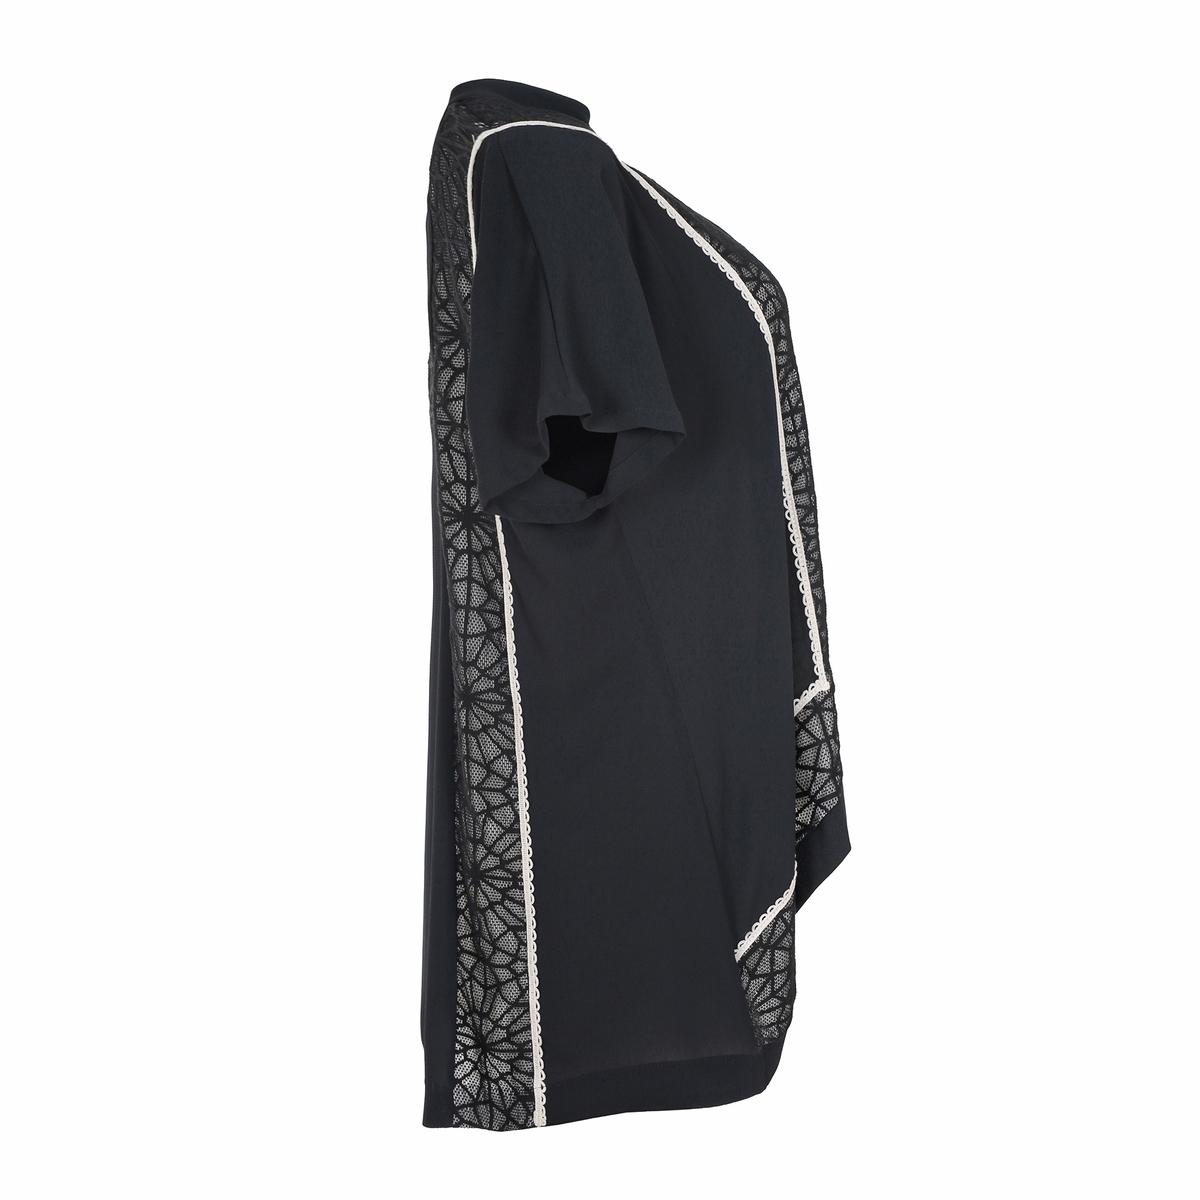 БлузкаБлузка, MAT FASHION. Женственная блузка с кружевом и золотистой отделкой спереди и сзади . Короткие рукава. V-образный вырез. 96% полиэстера, 4% эластана..<br><br>Цвет: черный